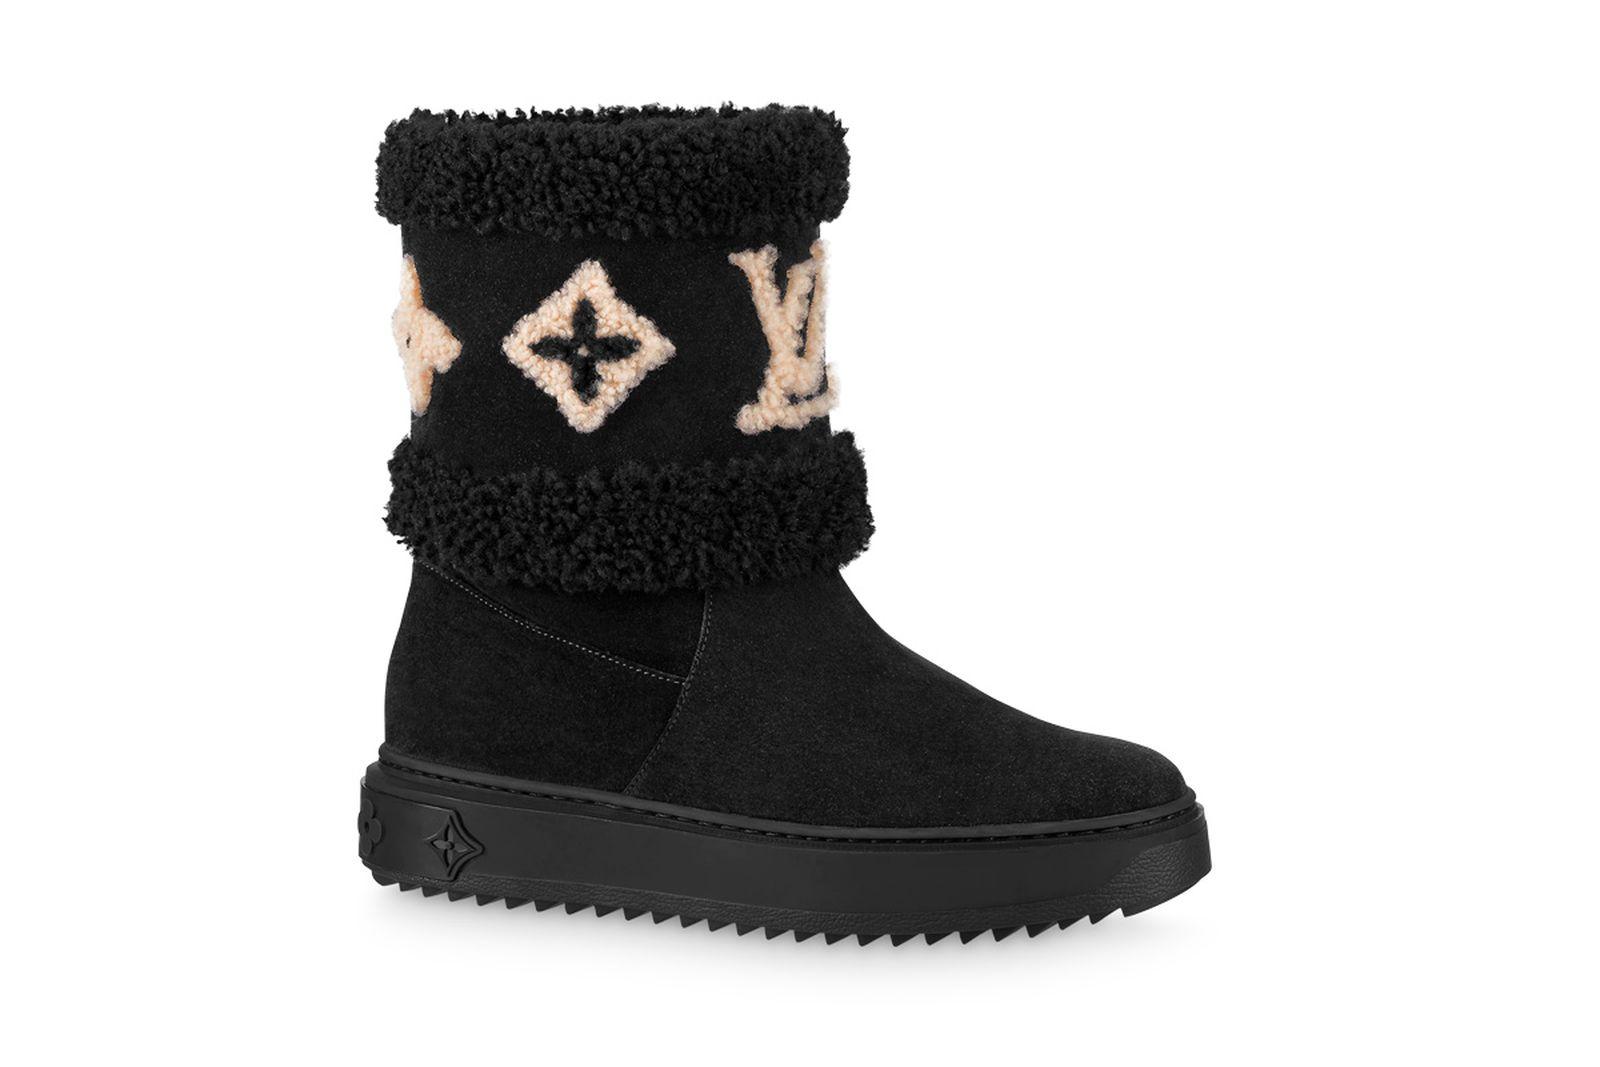 louis-vuitton-ugg-boots-comparison-02